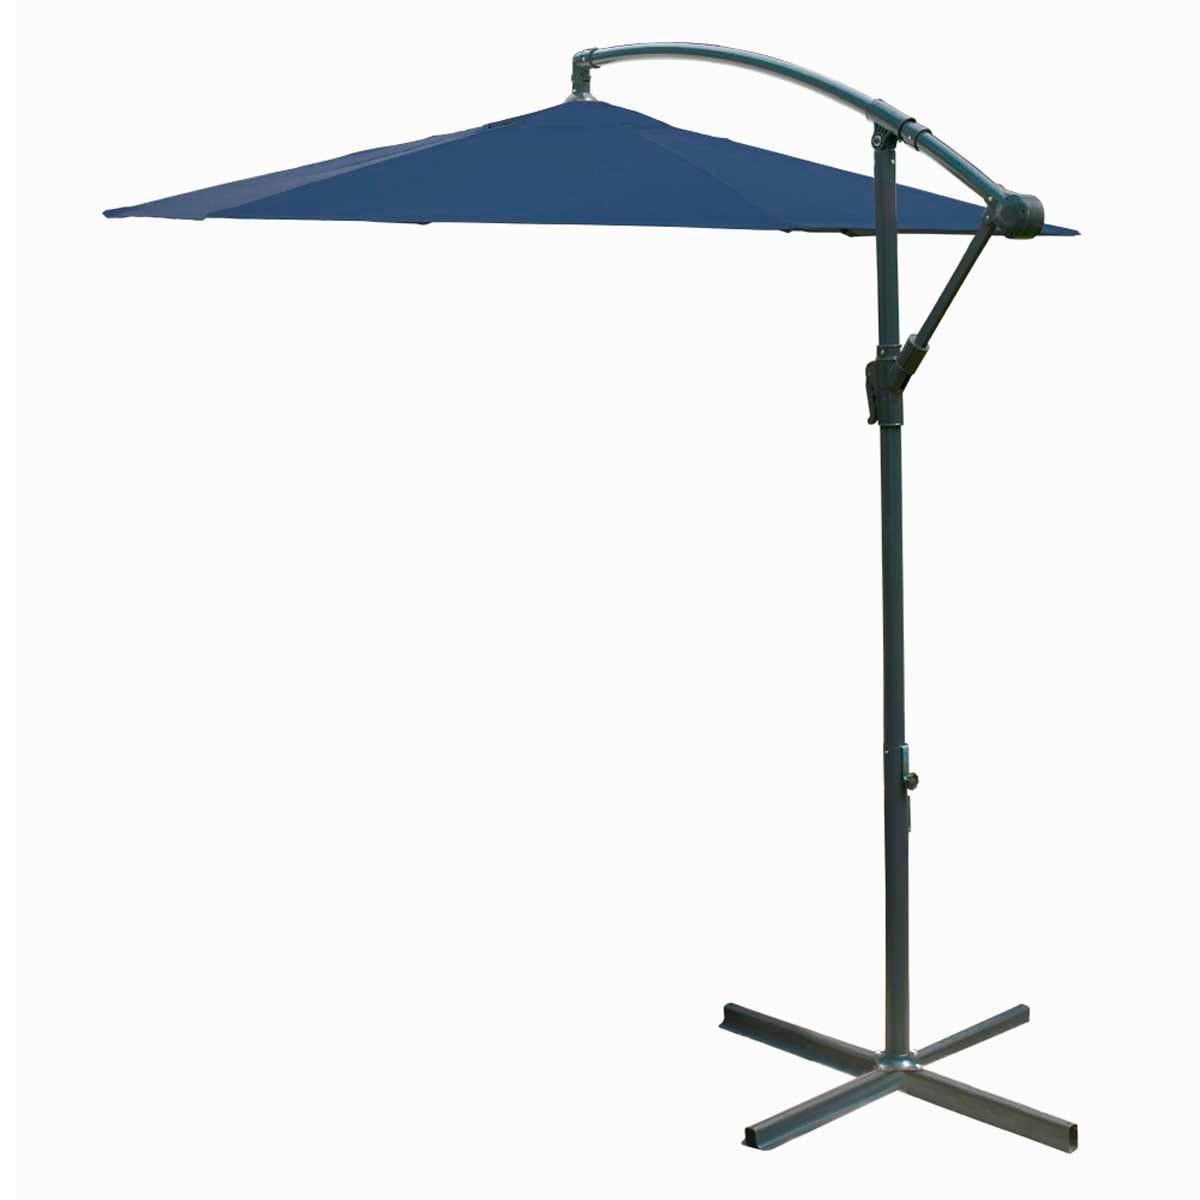 Garden Gear Cantilever Parasol with Cover - Navy